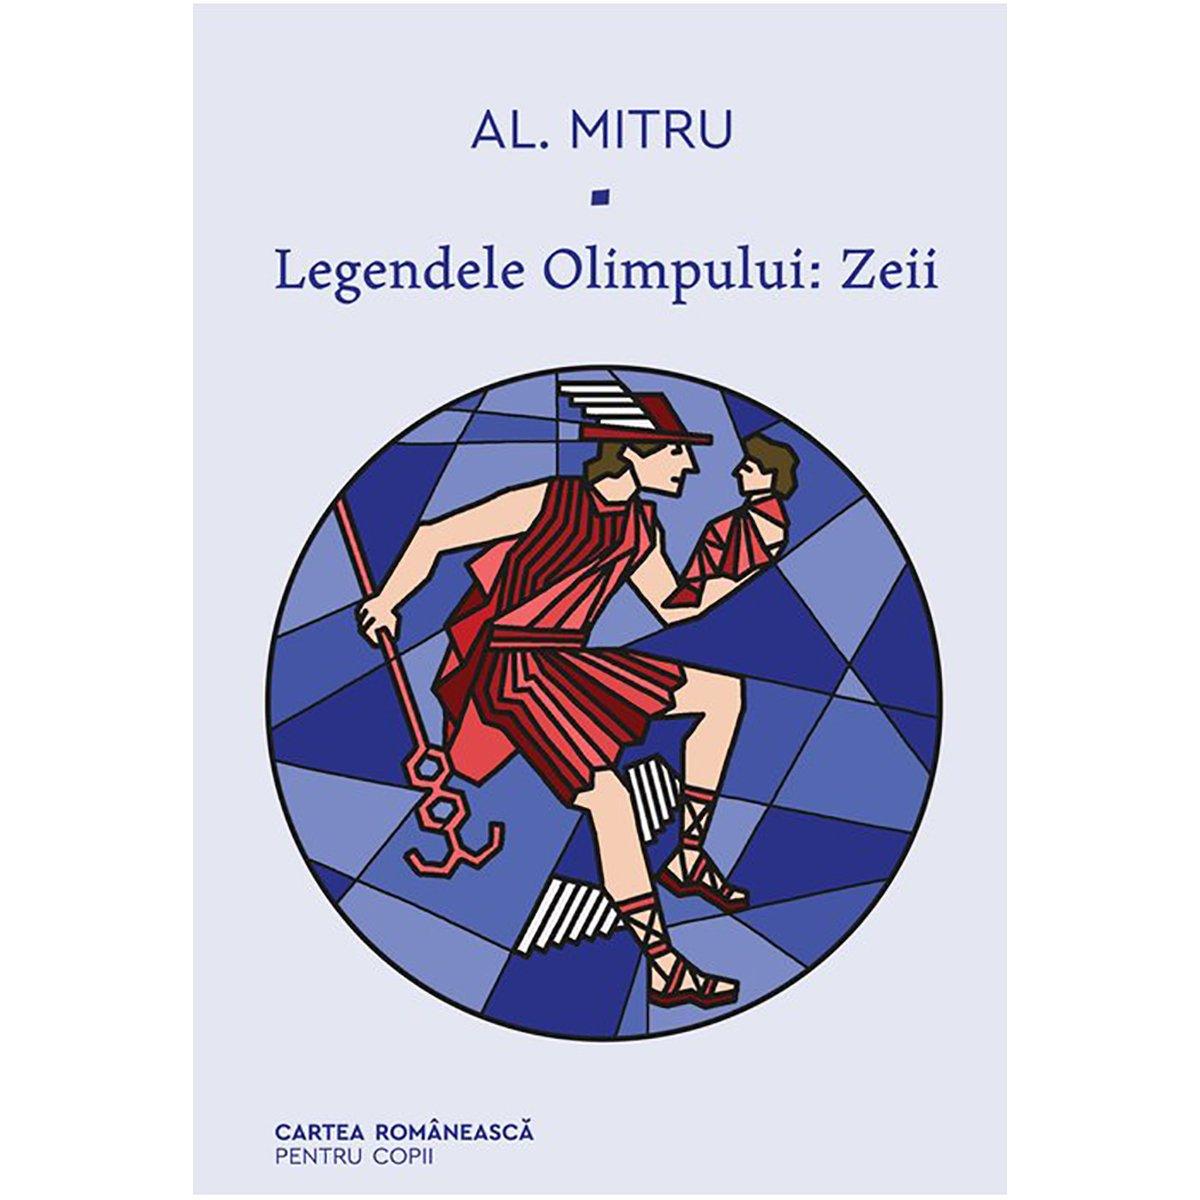 Legendele olimpului 1, Zeii, Alexandru Mitru